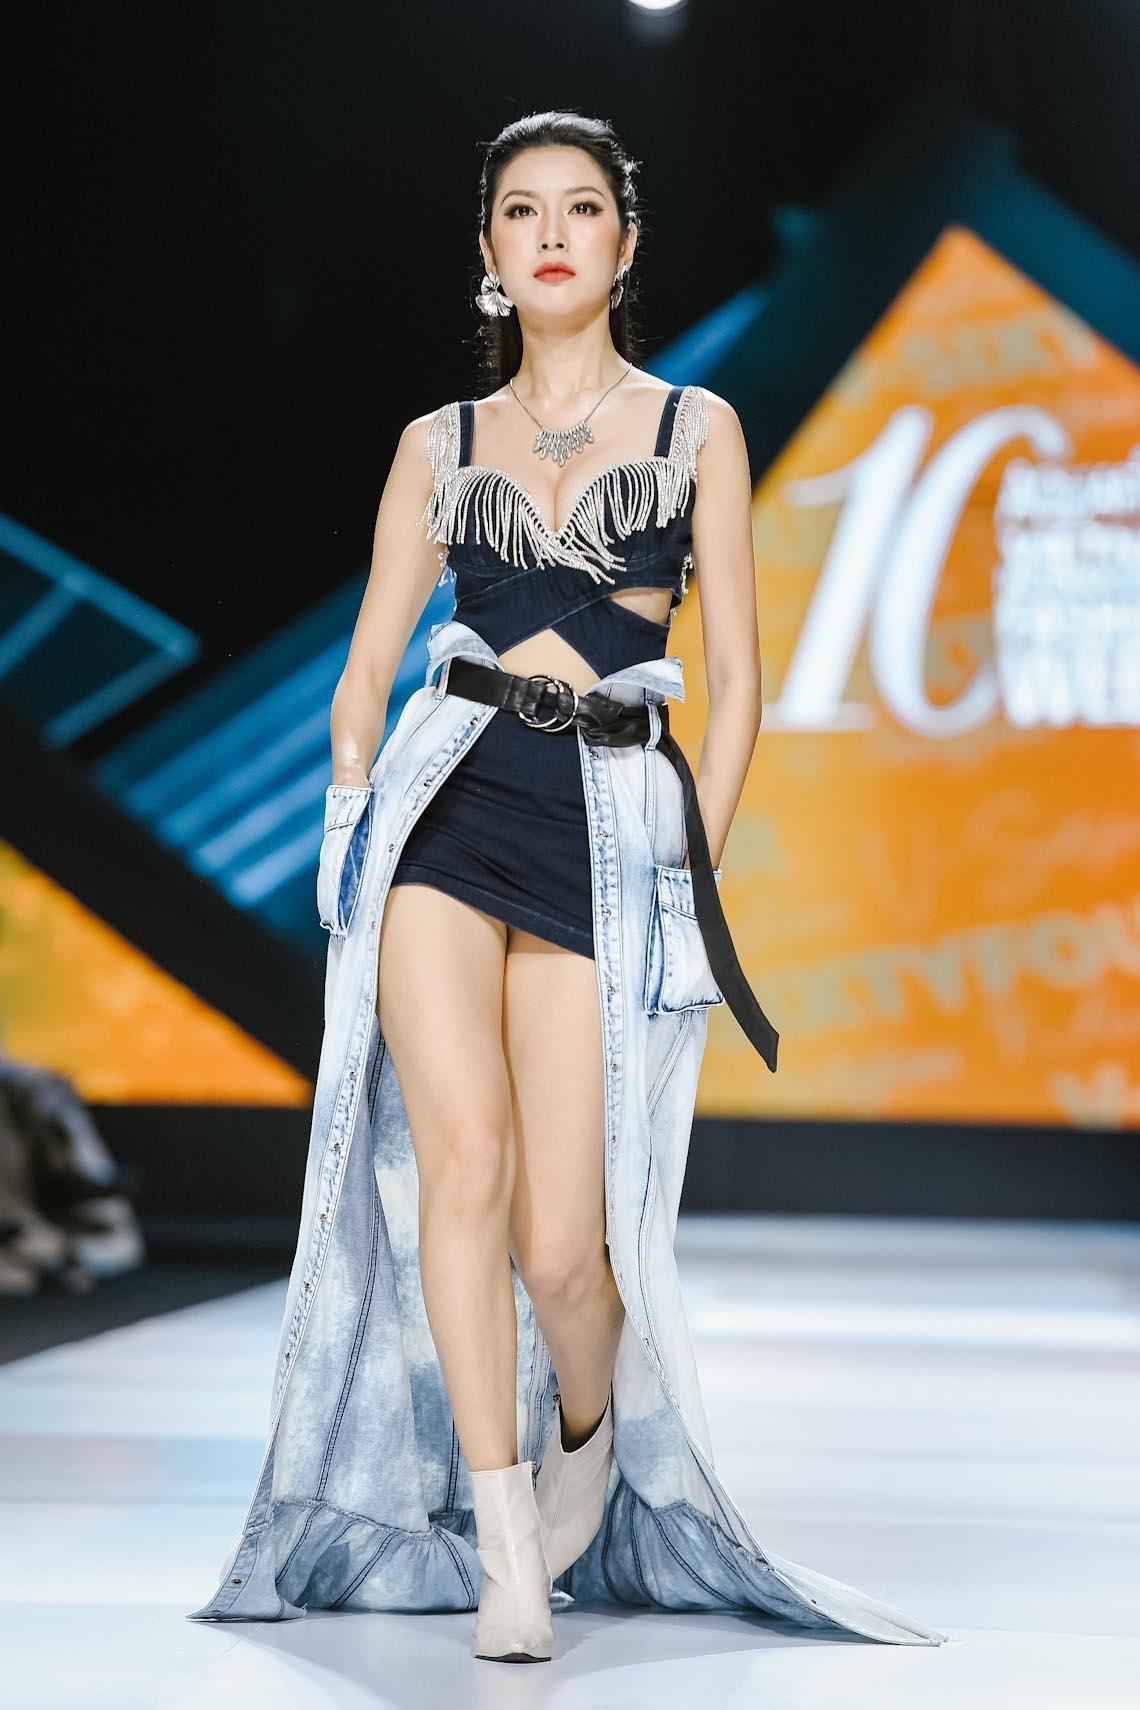 Tuần lễ Thời trang Quốc tế Việt Nam Thu Đông 2019 chính thức mở màn - 17